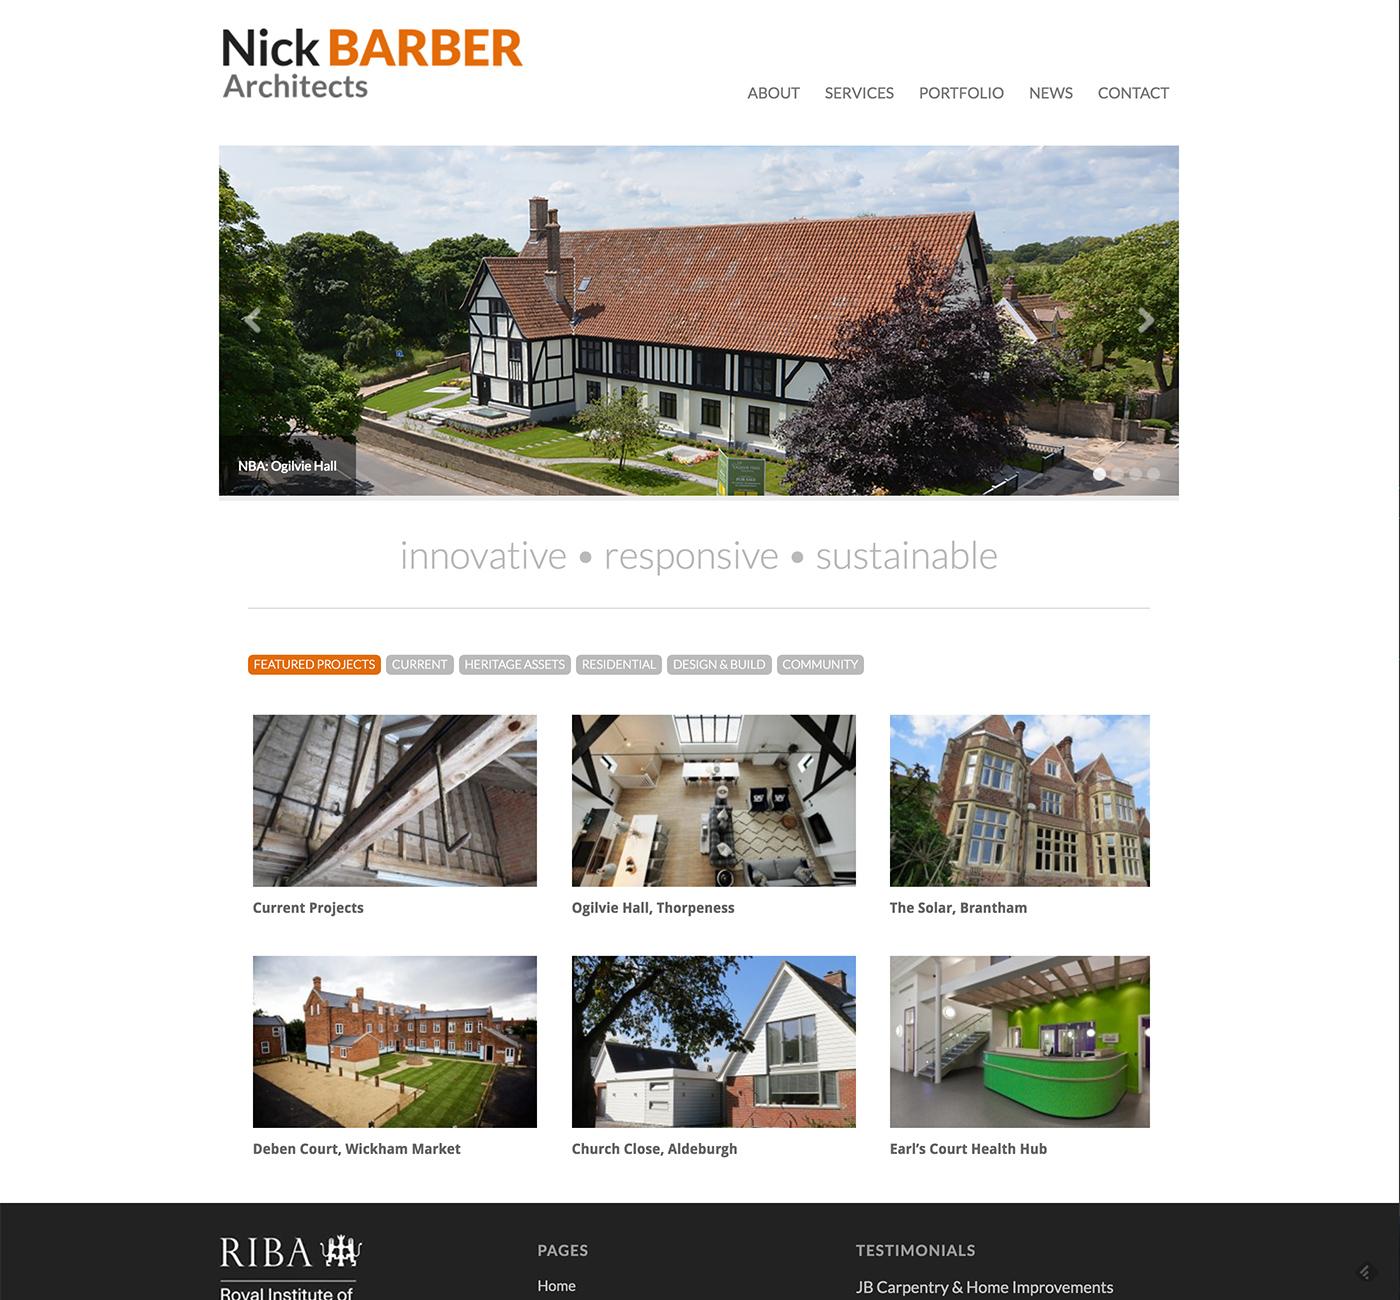 Nick Barber Architects website design